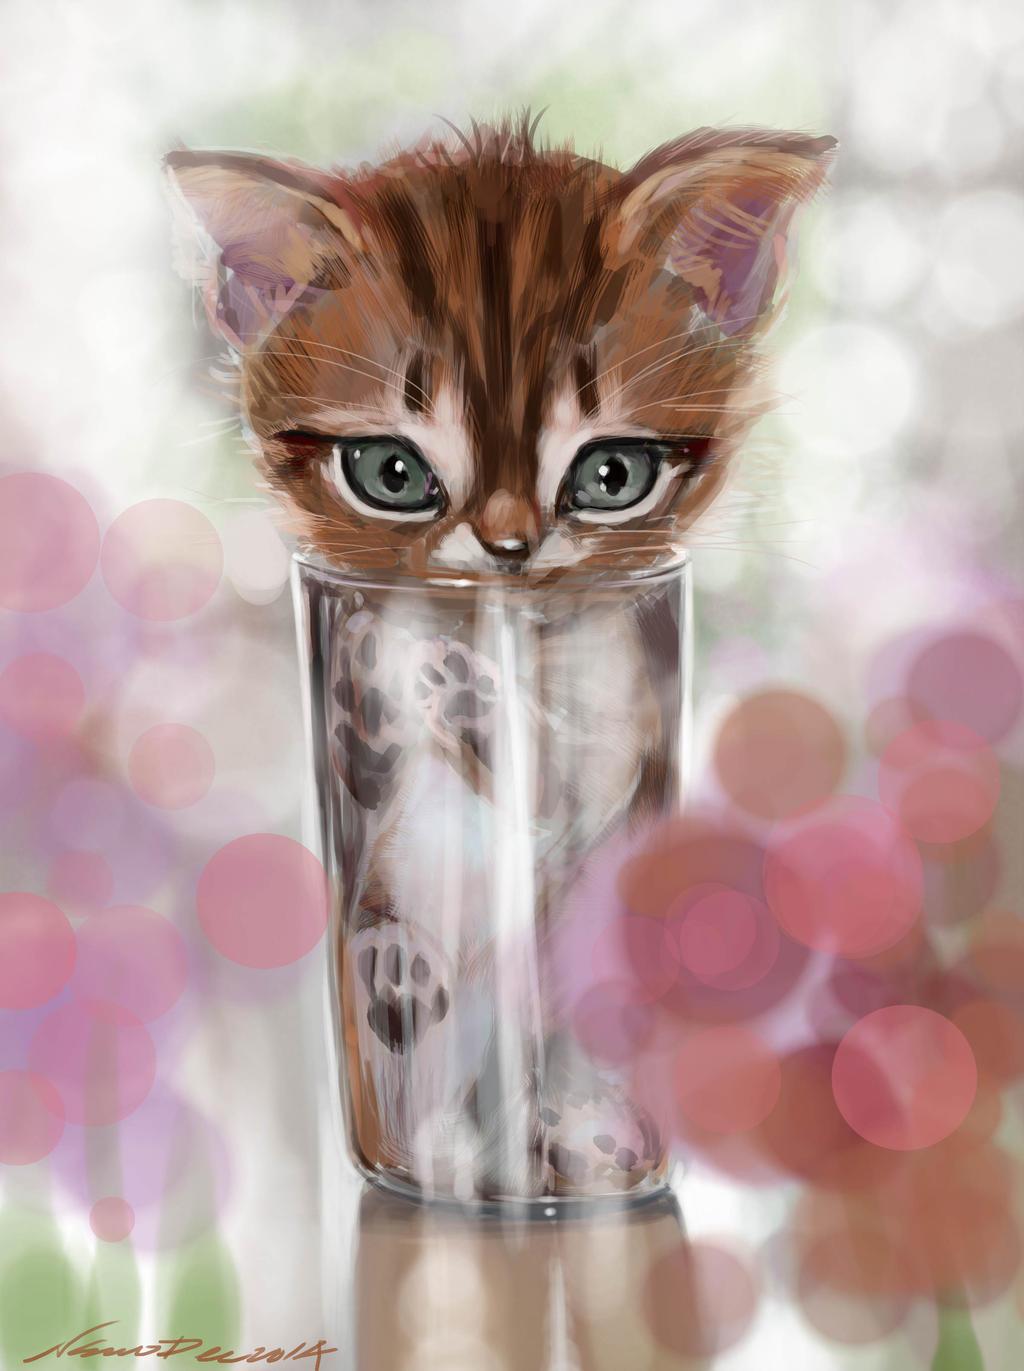 mandatory daily cat sketch 3723 by nosoart